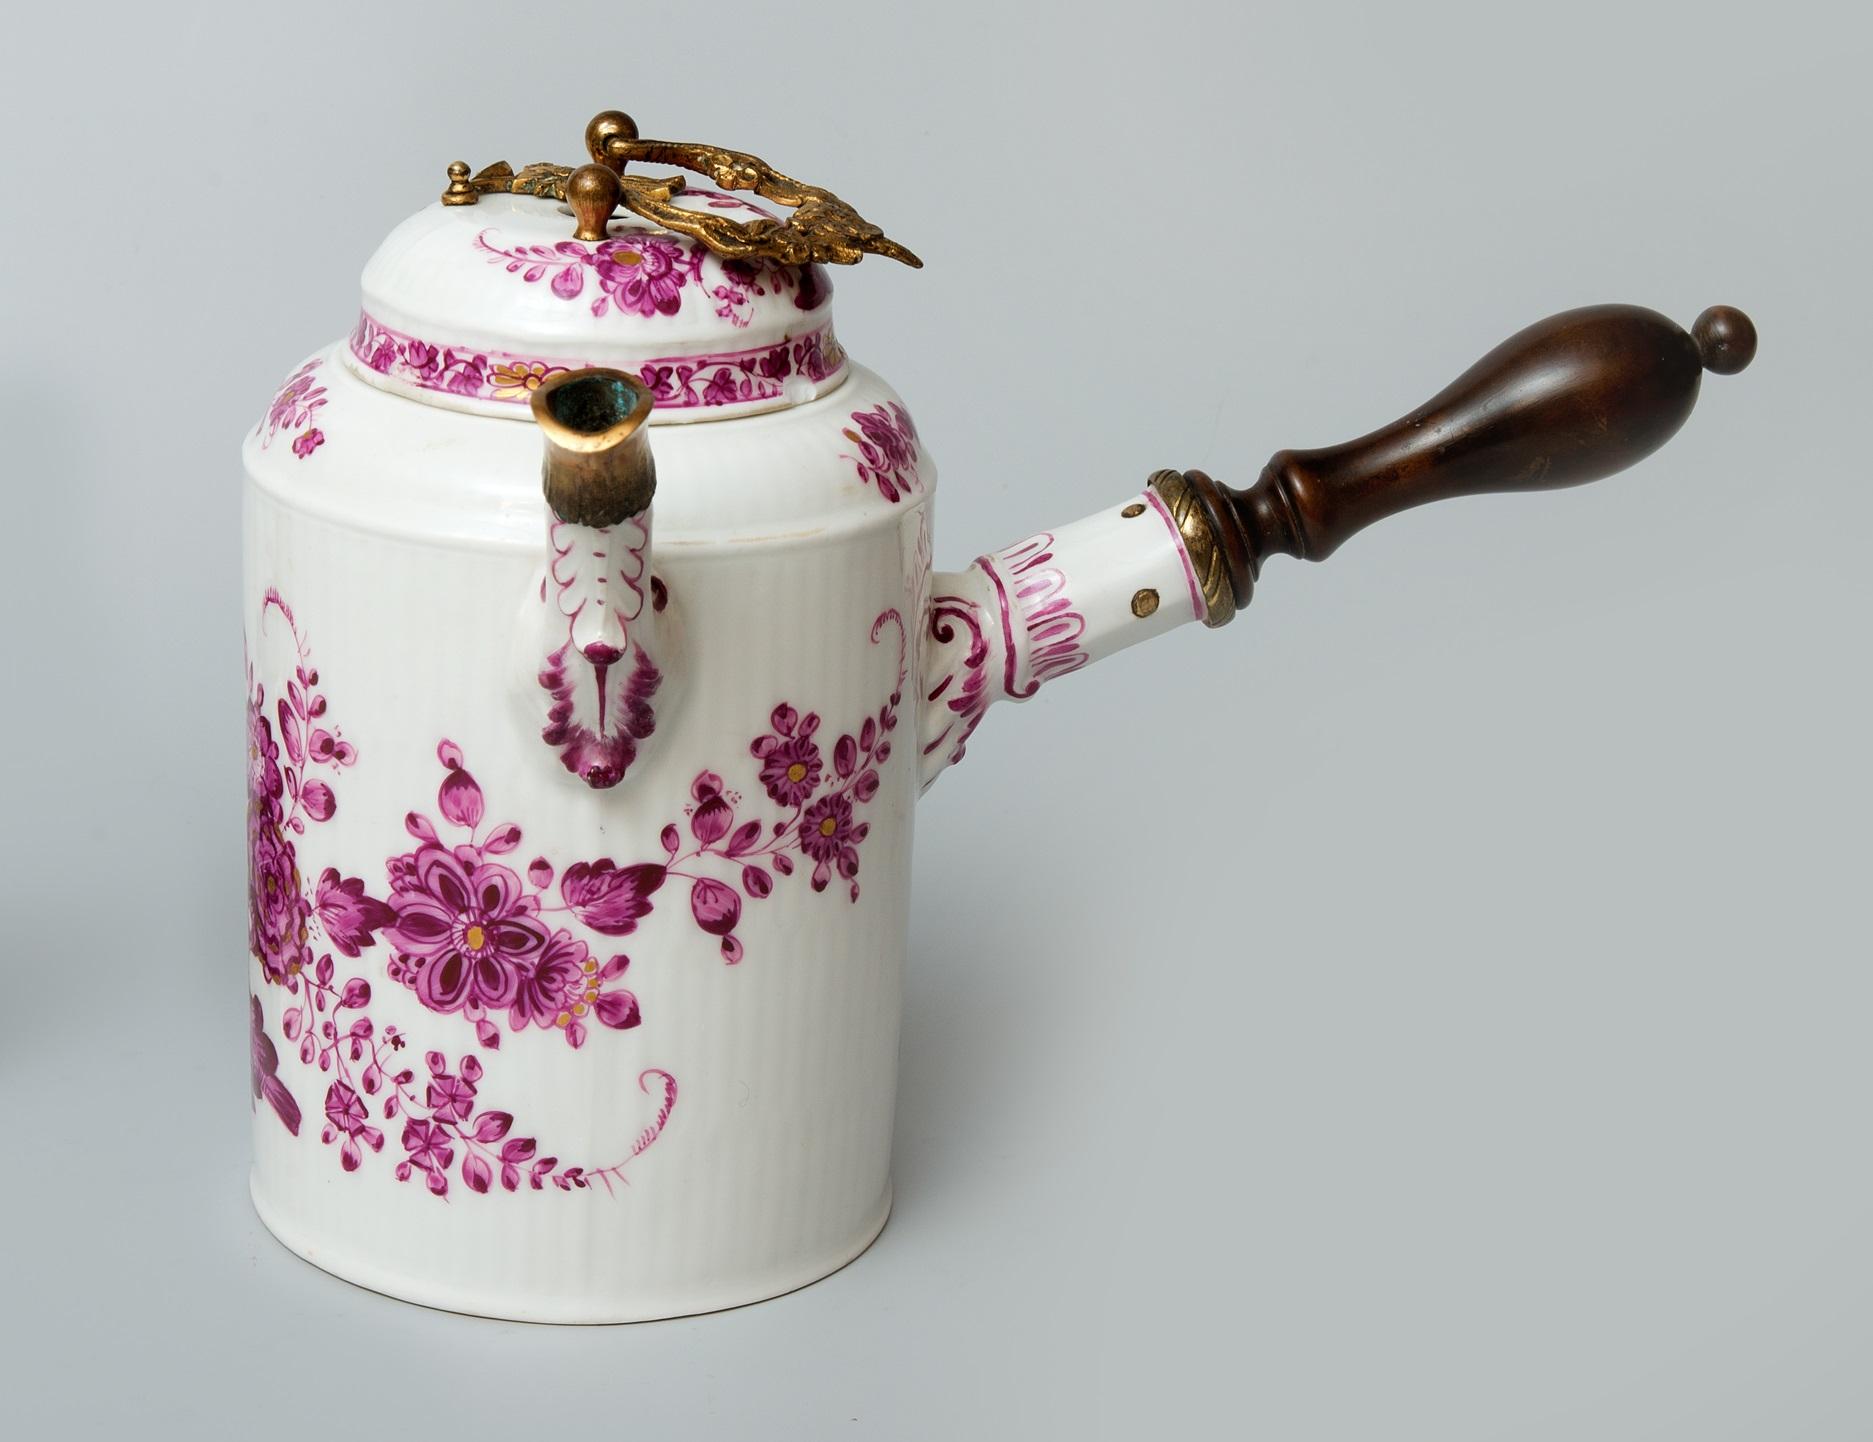 Dzbanek do czekolady z pokrywką, Niemcy, Miśnia, ok. 1750-1760; dar Robyg SA dla Muzeum Pałacu w Wilanowie.jpg